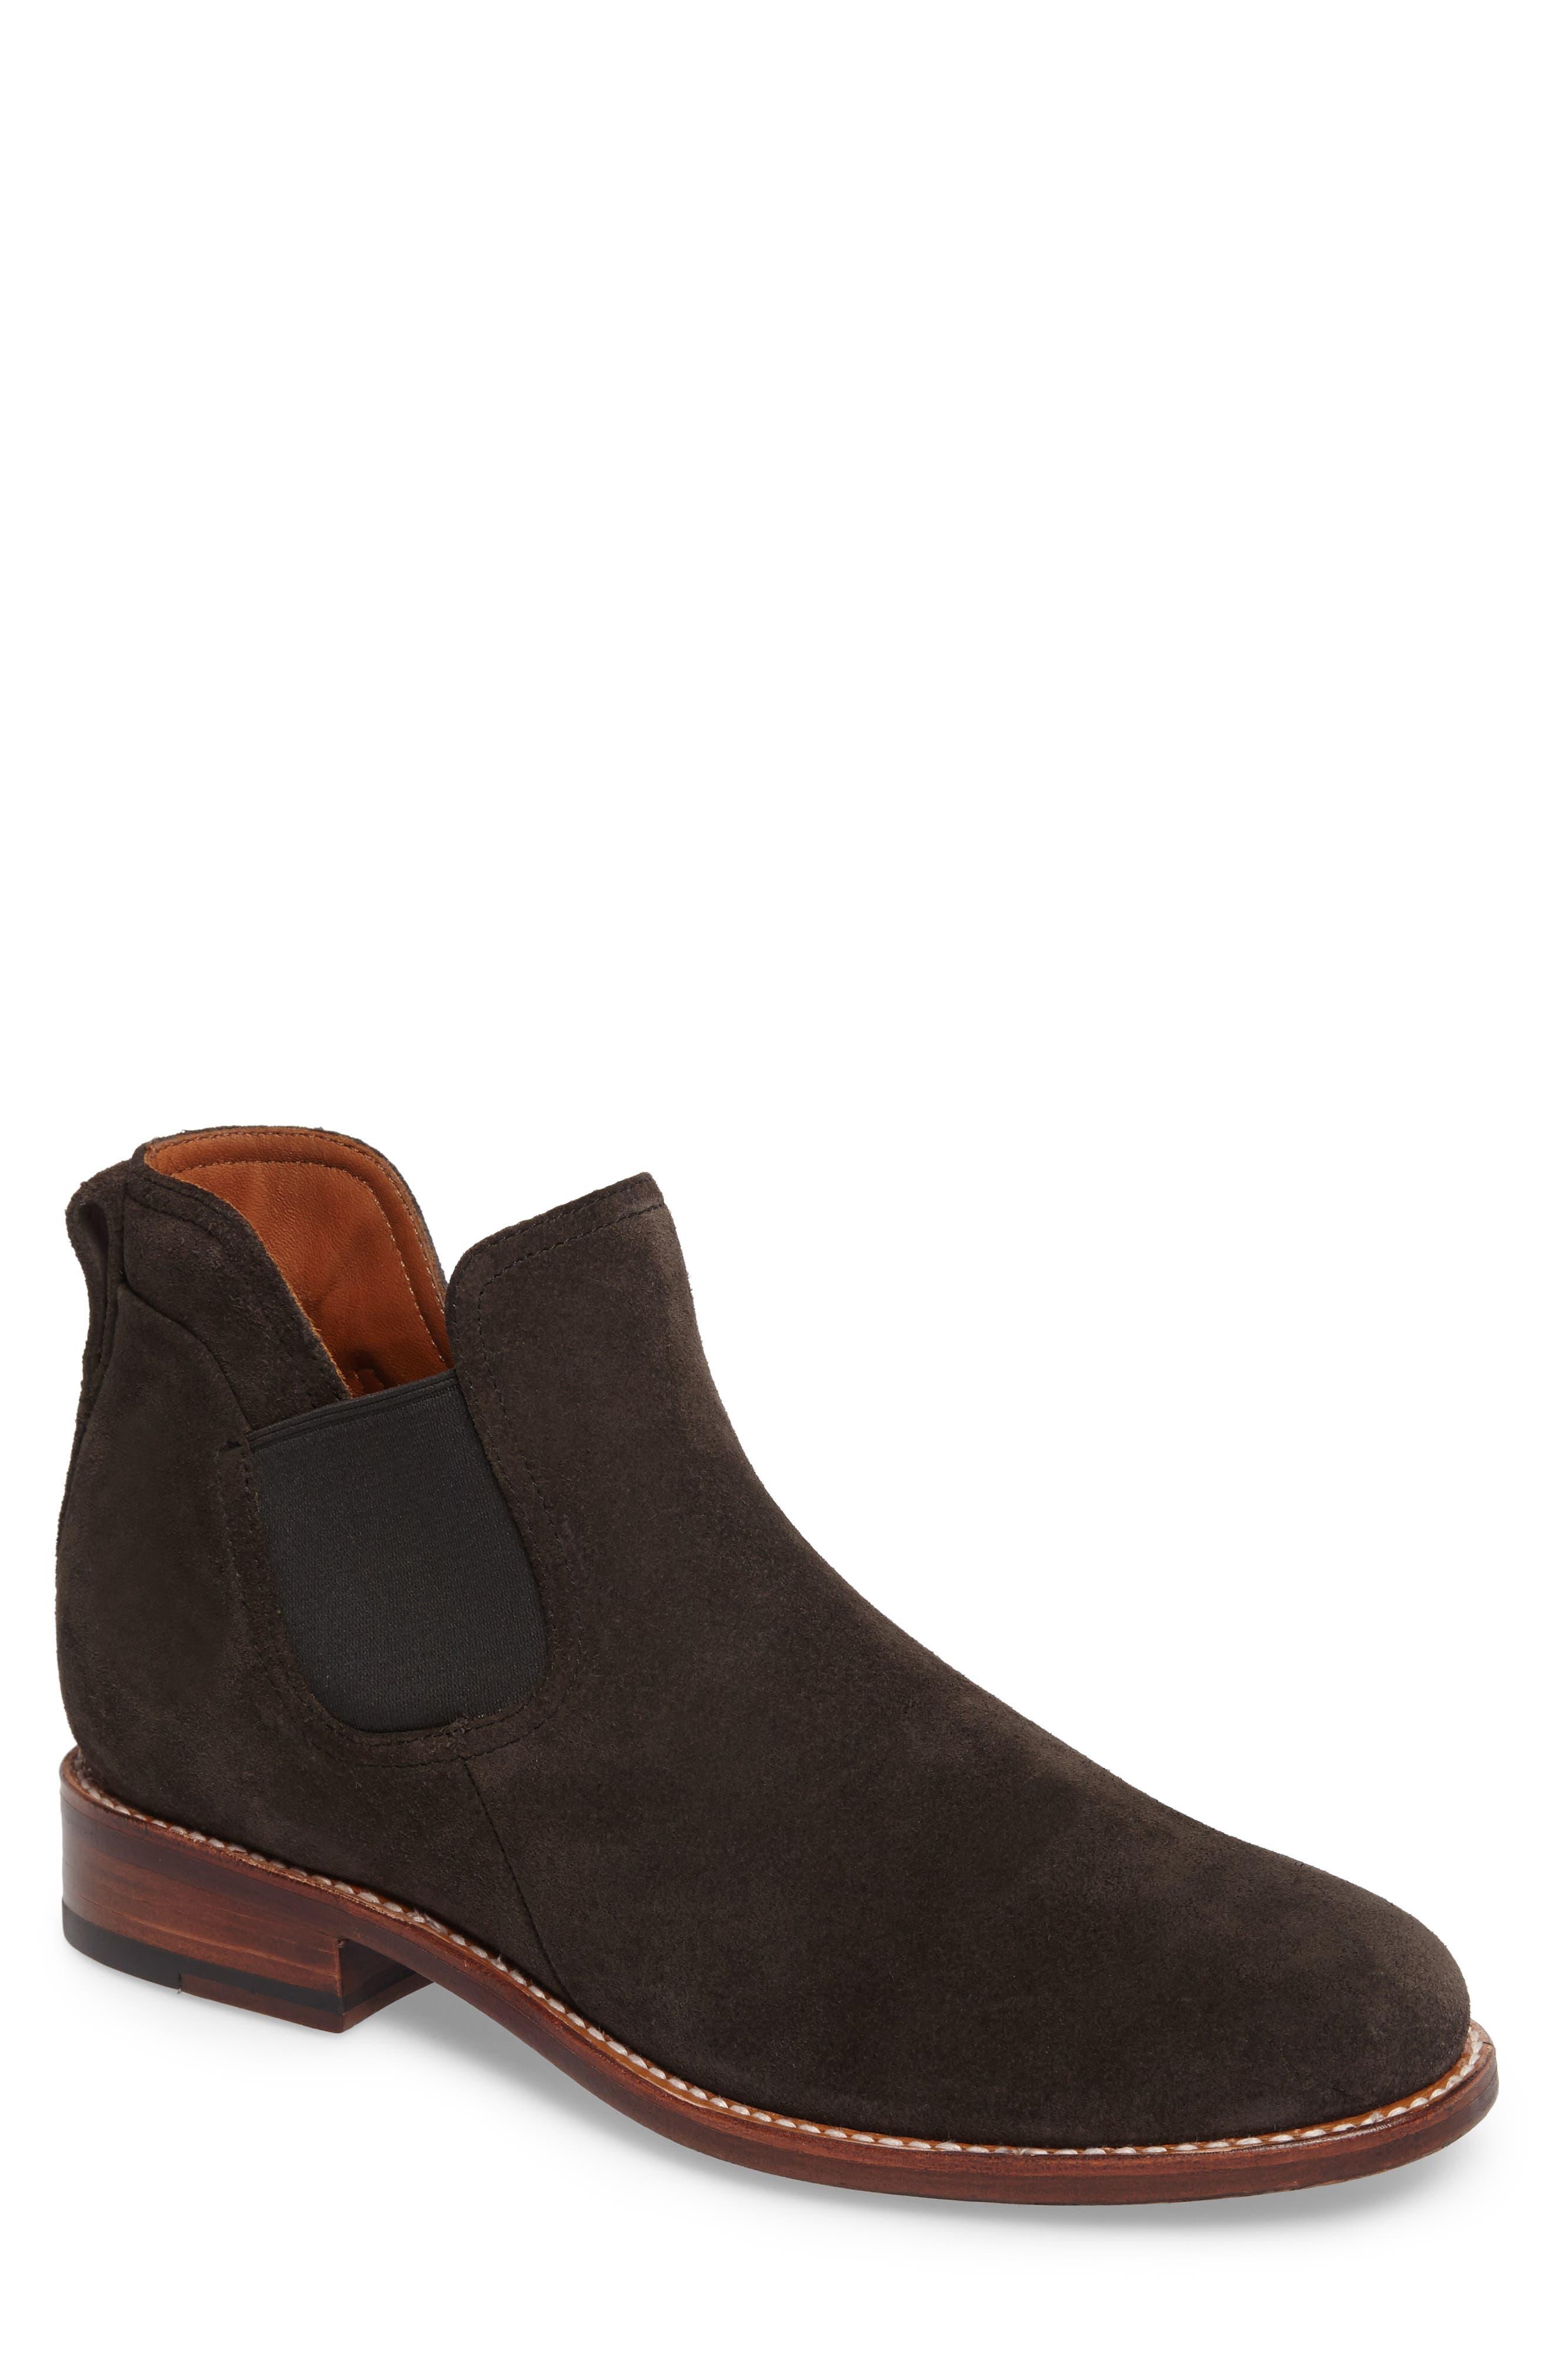 Ariat Rio Chelsea Boot (Men)